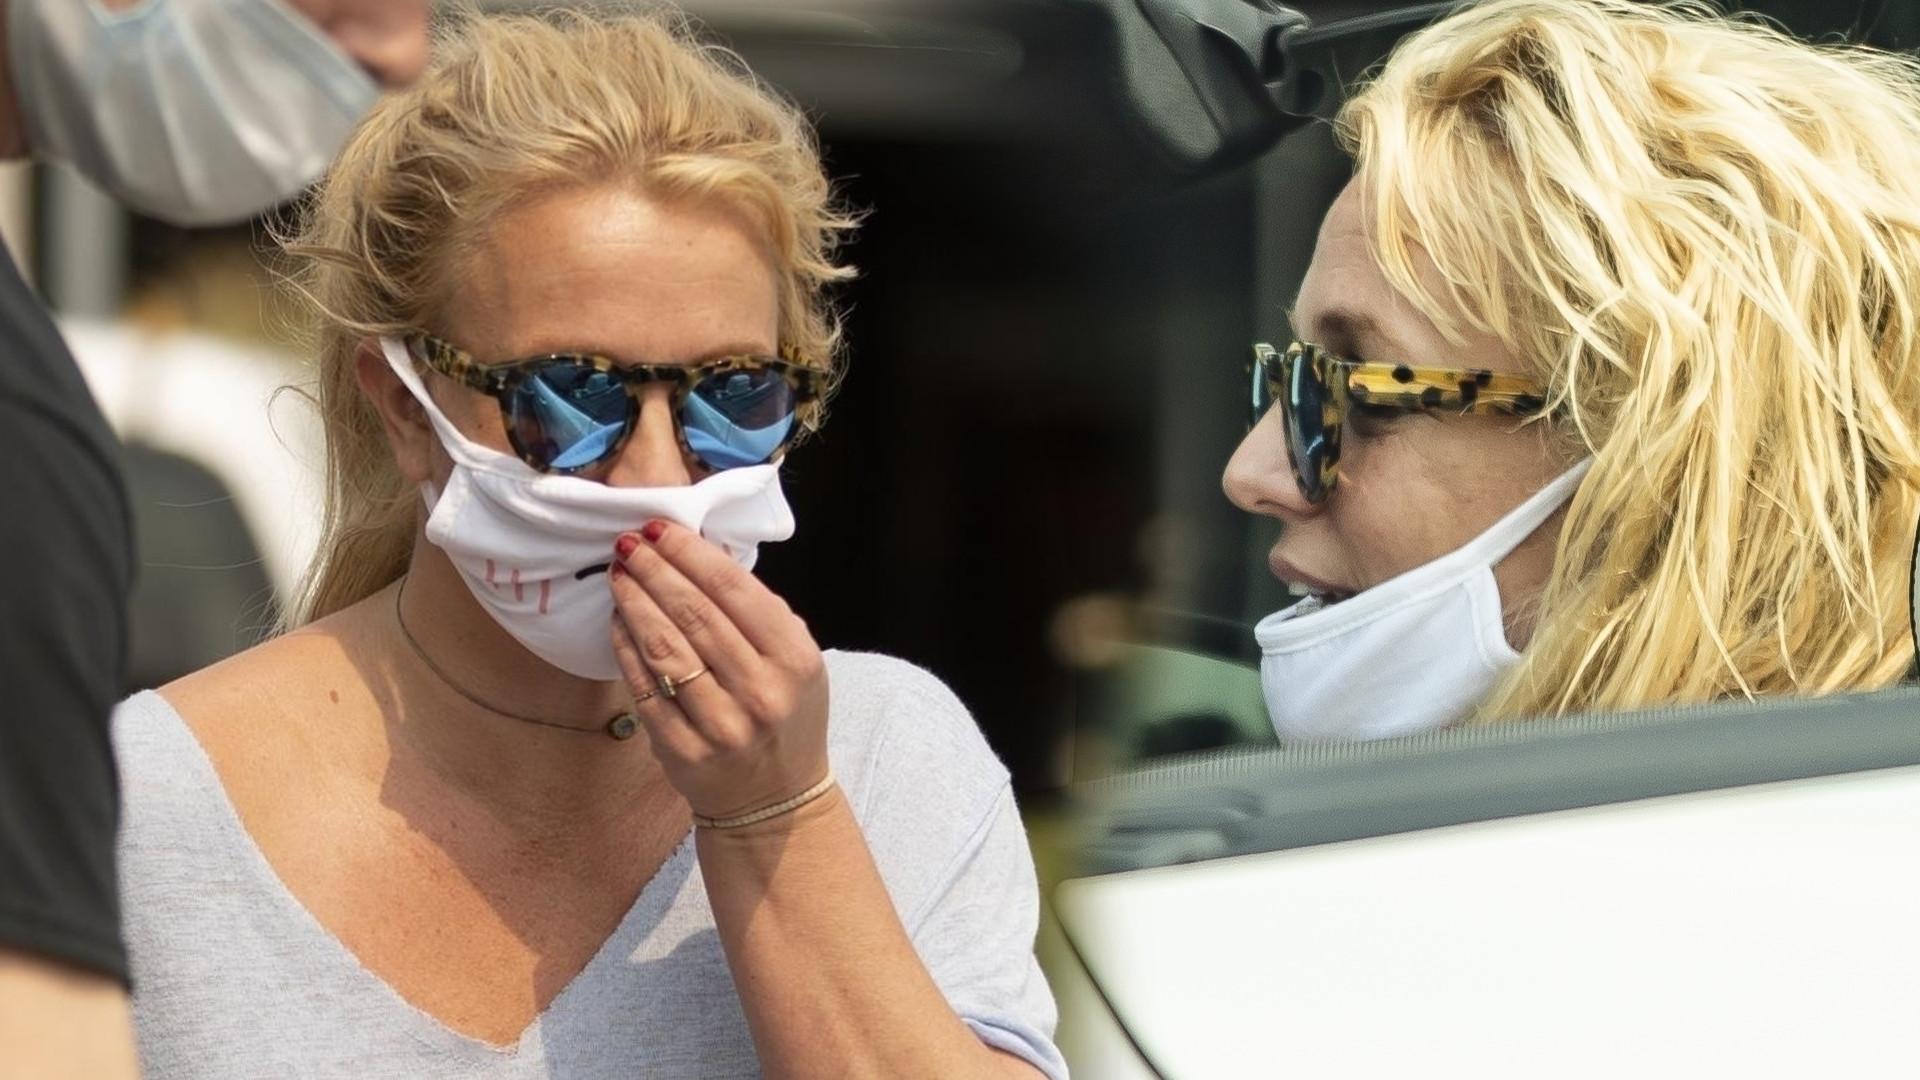 Więziona (?) Britney Spears pokazała się publicznie – wygląda inaczej niż na Instagramie (ZDJĘCIA)